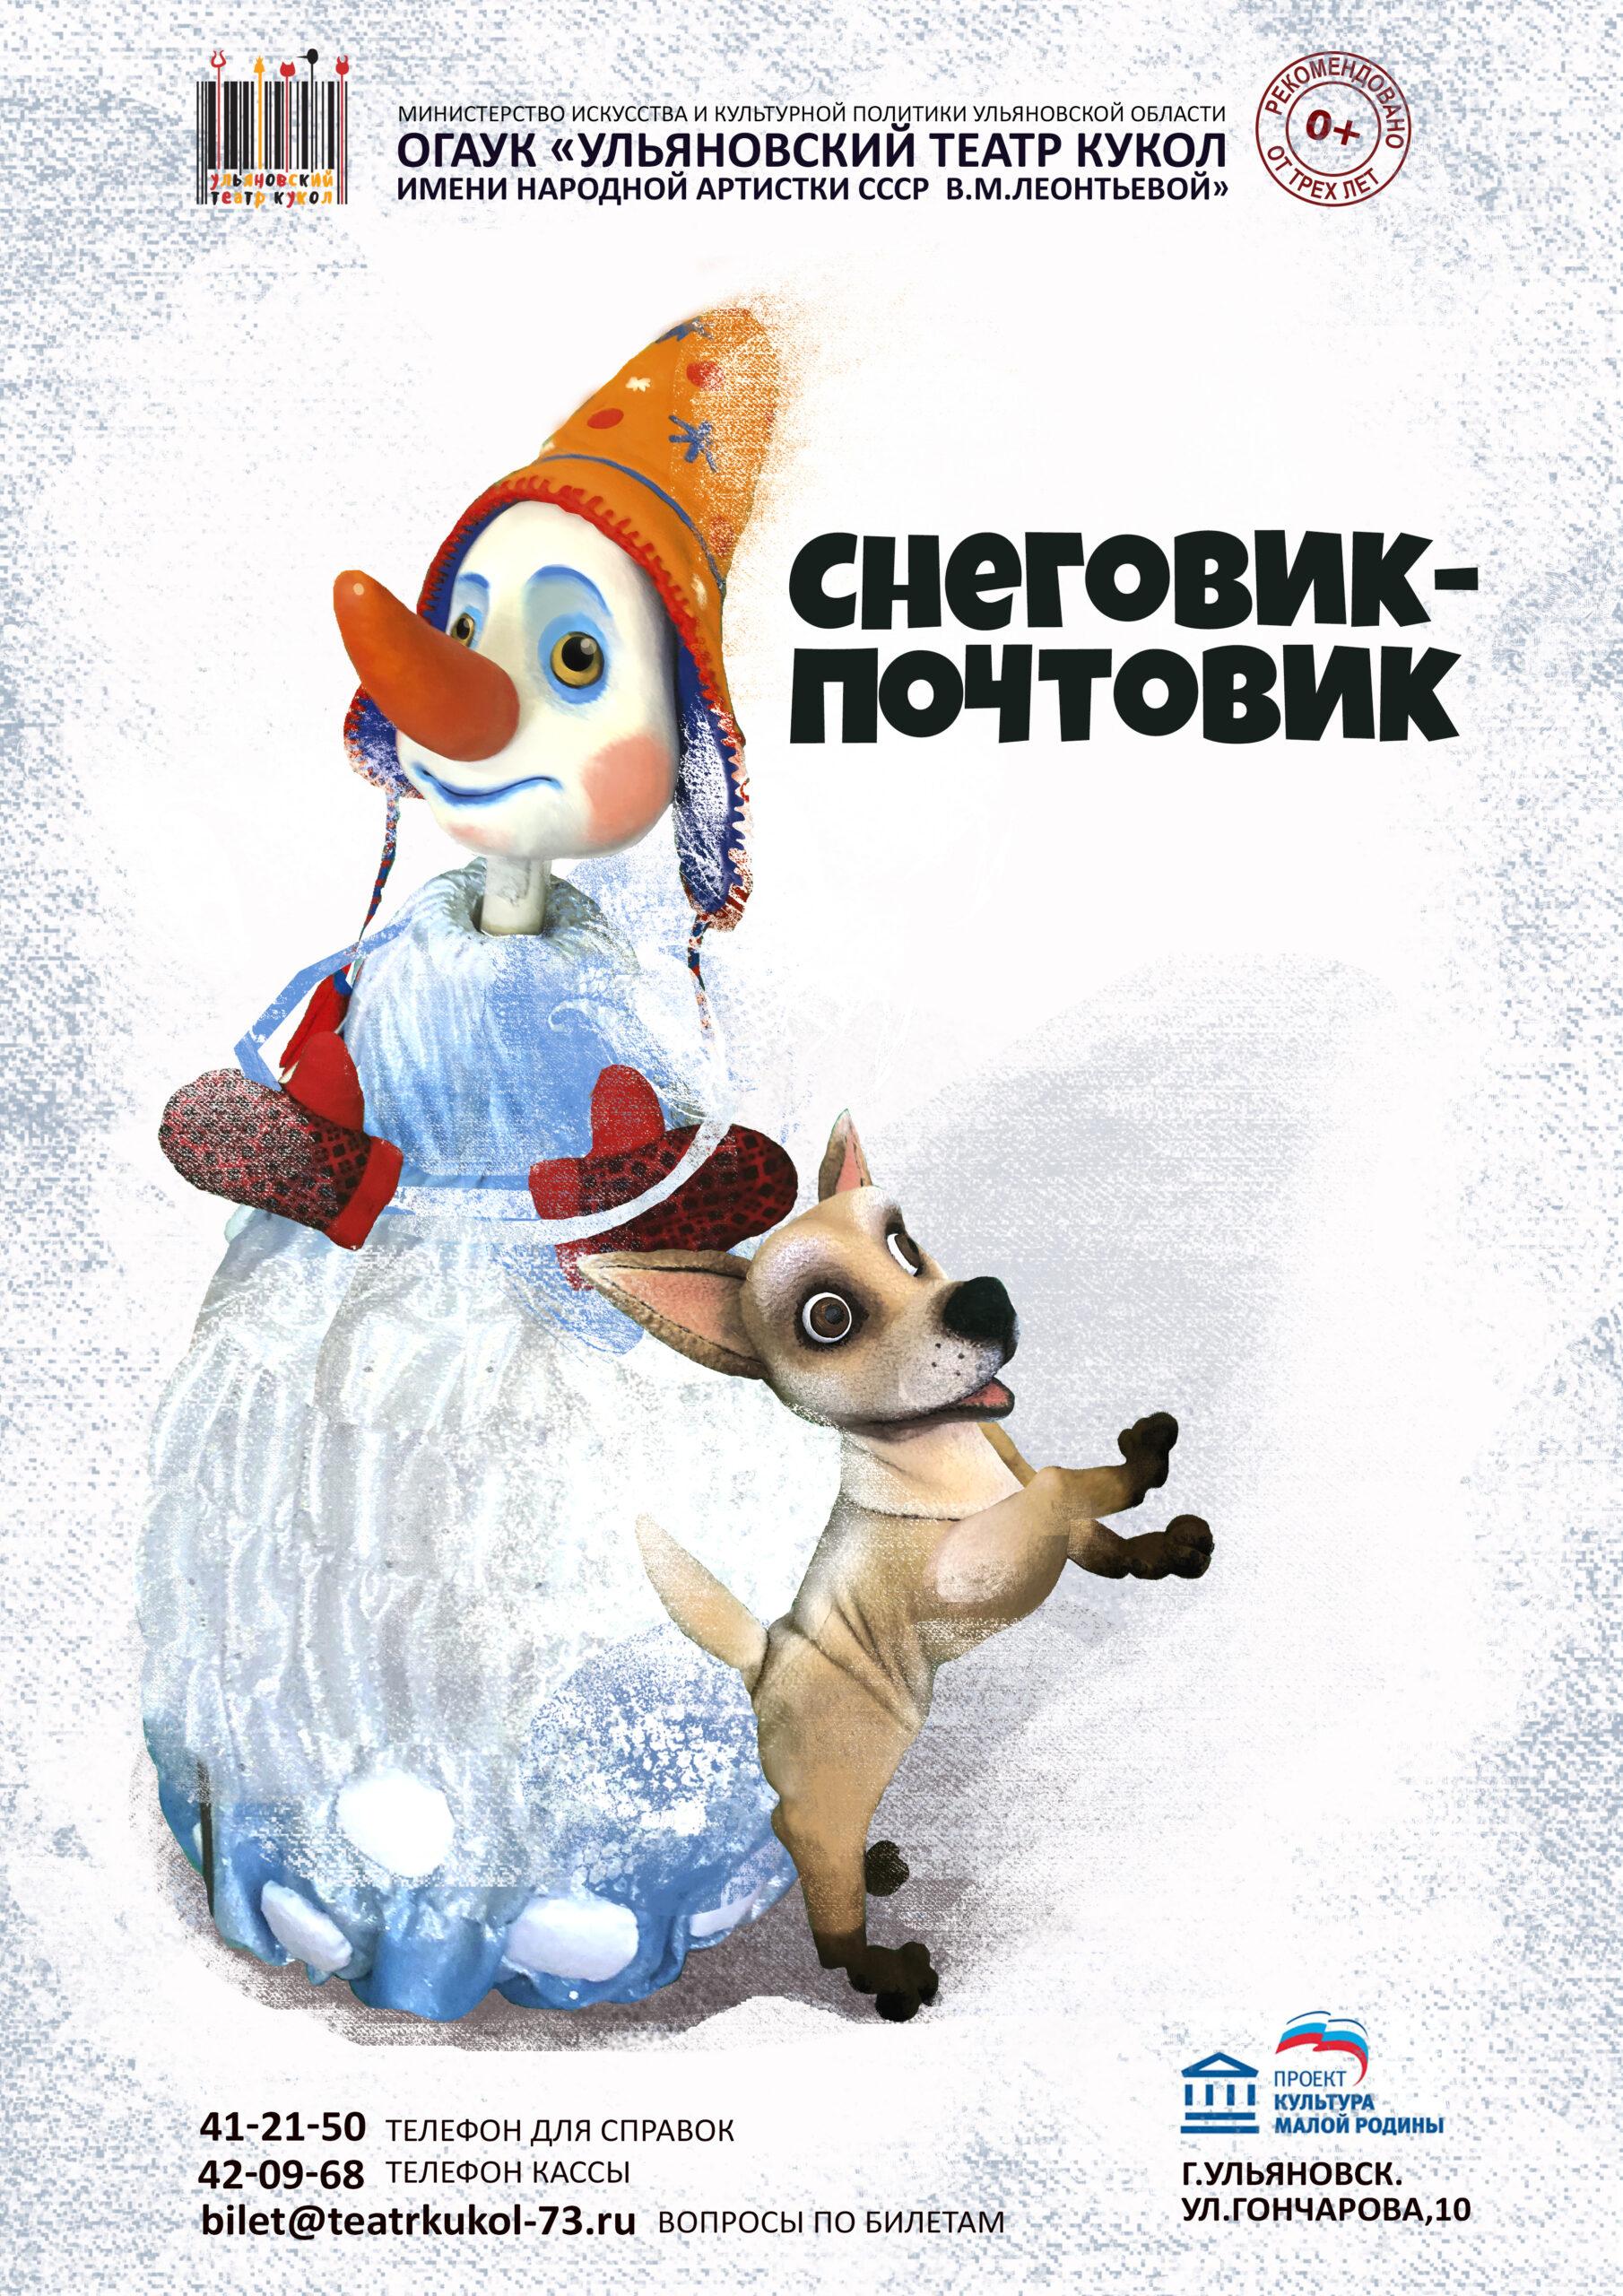 """Спектакль""""Снеговик-почтовик"""", премьера @ Театр кукол (ул. Гончарова, 10)"""